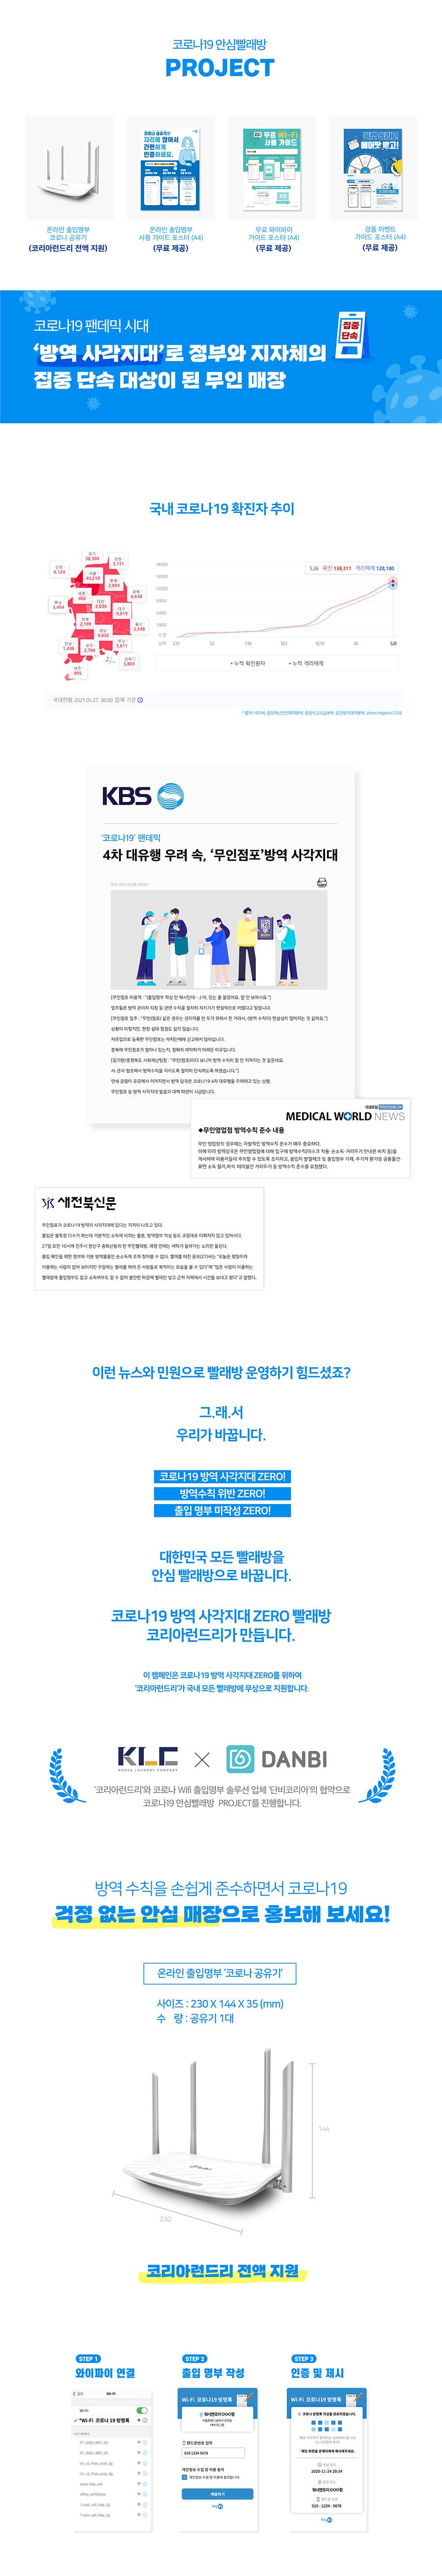 코로나19 안심빨래방 PROJECT 온라인 출입명부 코로나 공유기 무상제공!